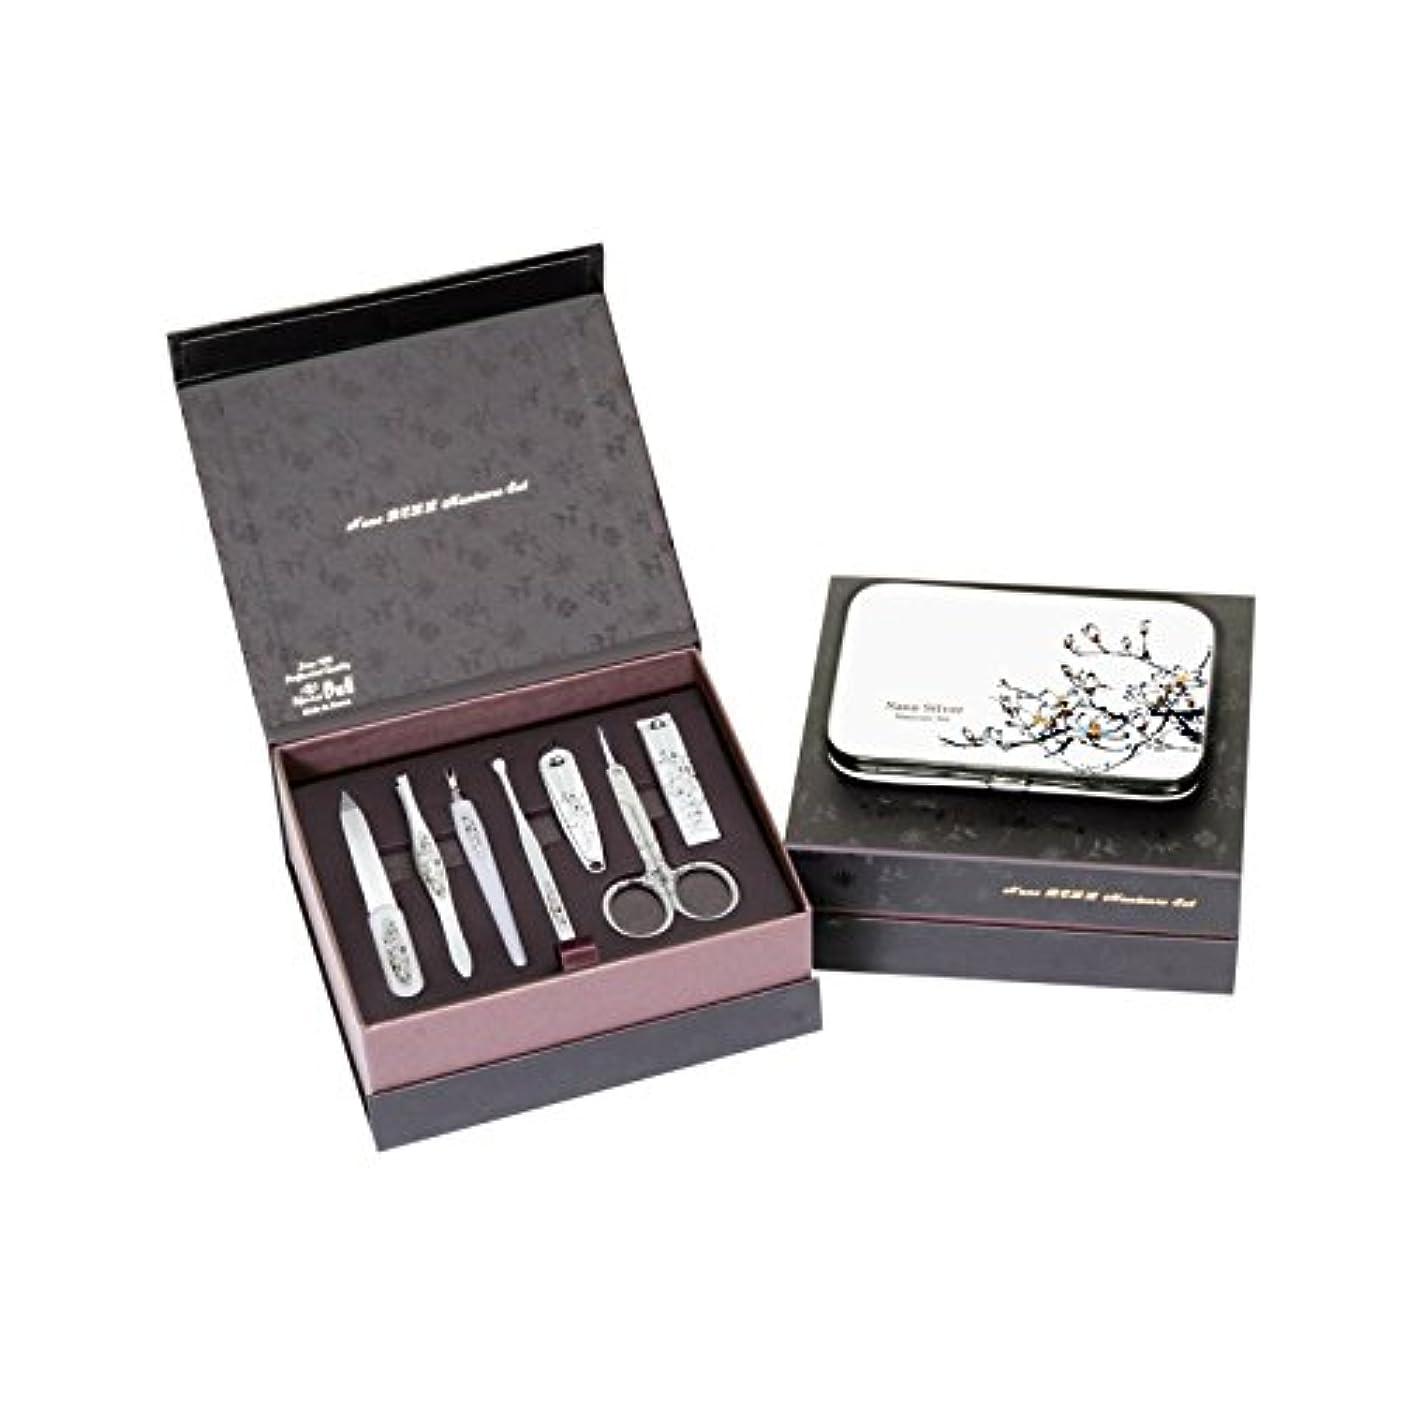 親密な飼いならすけがをするMETAL BELL Manicure Sets BN-8177A ポータブル爪の管理セット爪切りセット 高品質のネイルケアセット高級感のある東洋画のデザイン Portable Nail Clippers Nail Care...